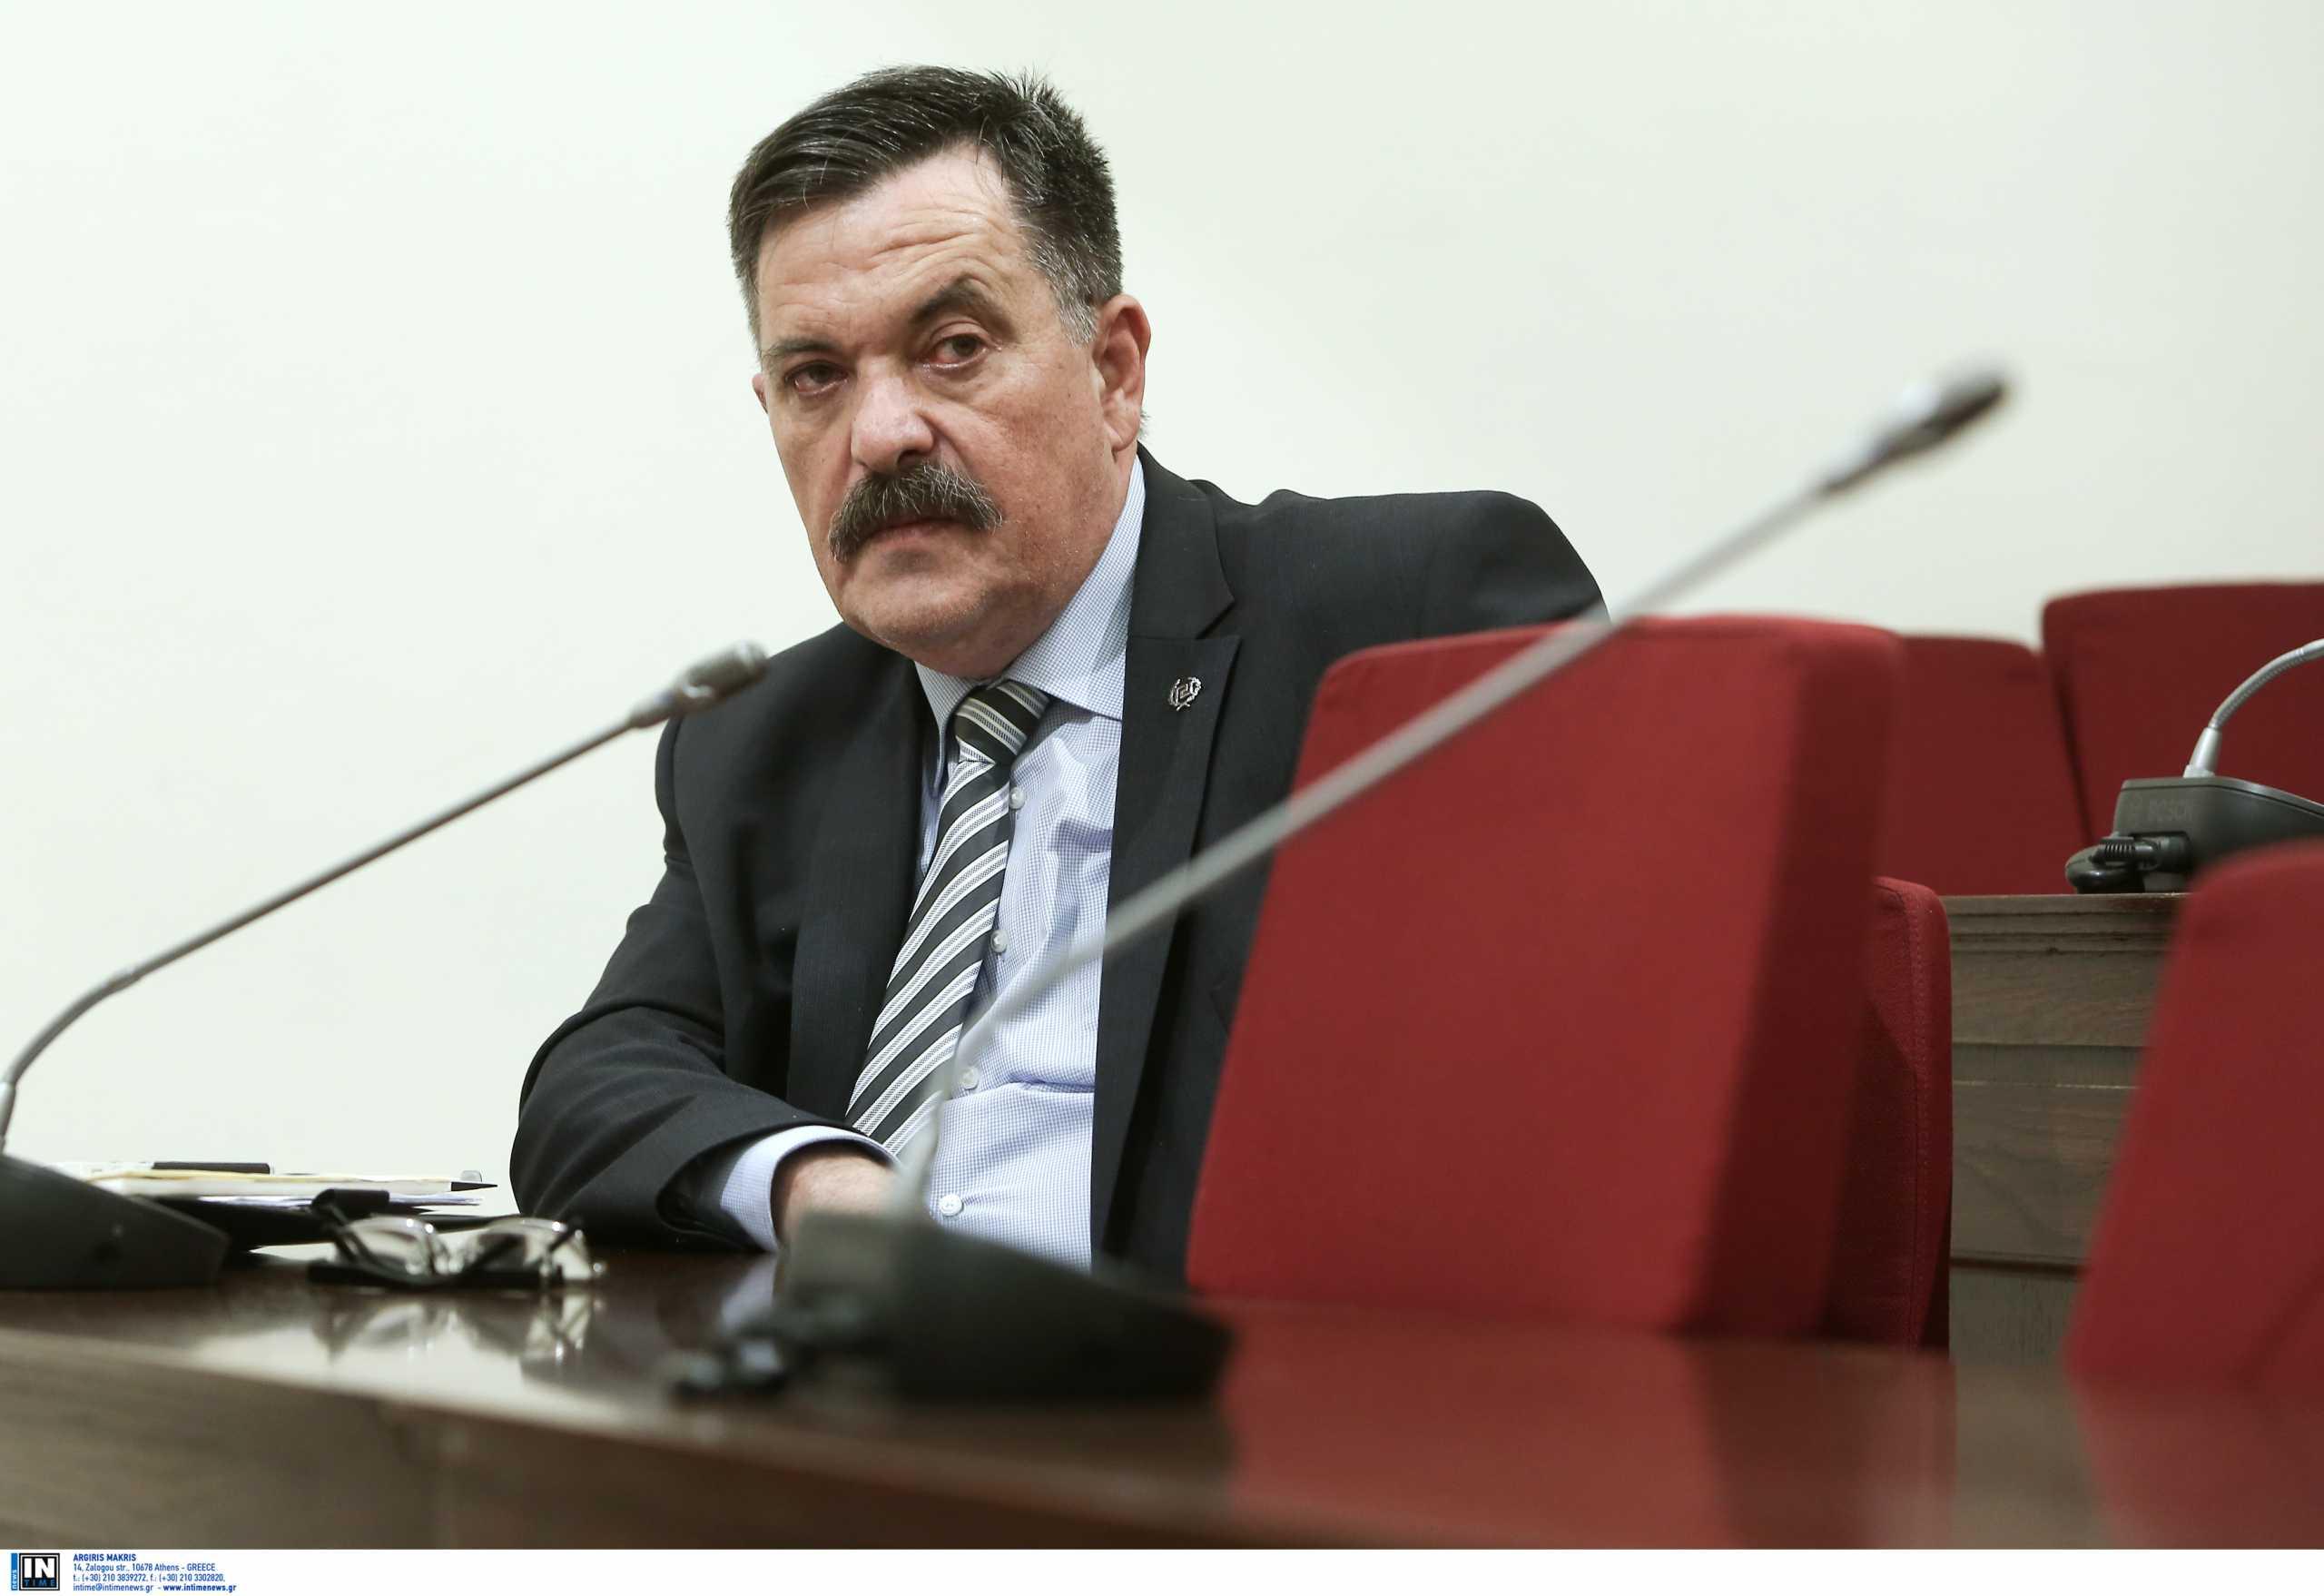 Χρήστος Παππάς: Ποιος είναι ο άνθρωπος που καταδικάστηκε για διεύθυνση εγκληματικής οργάνωσης